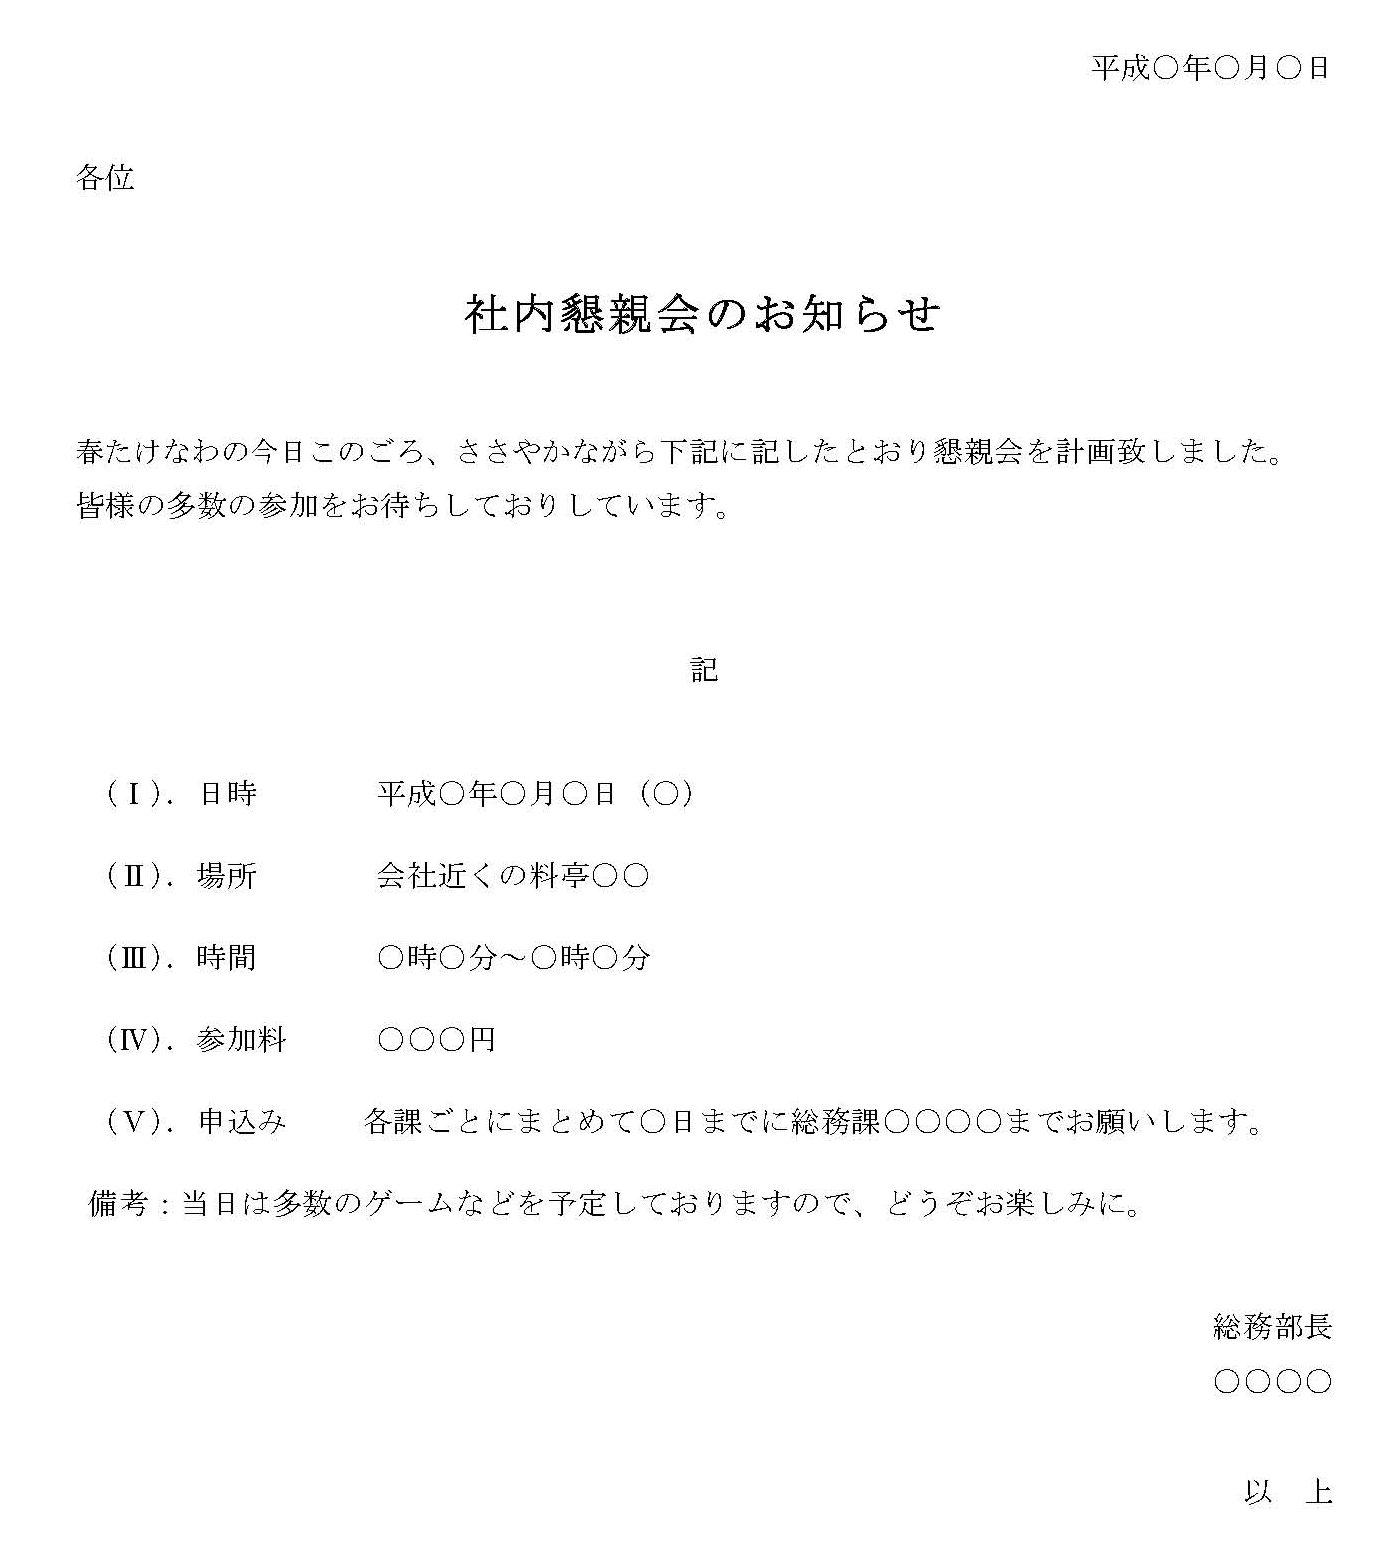 お知らせ(社内懇親会)